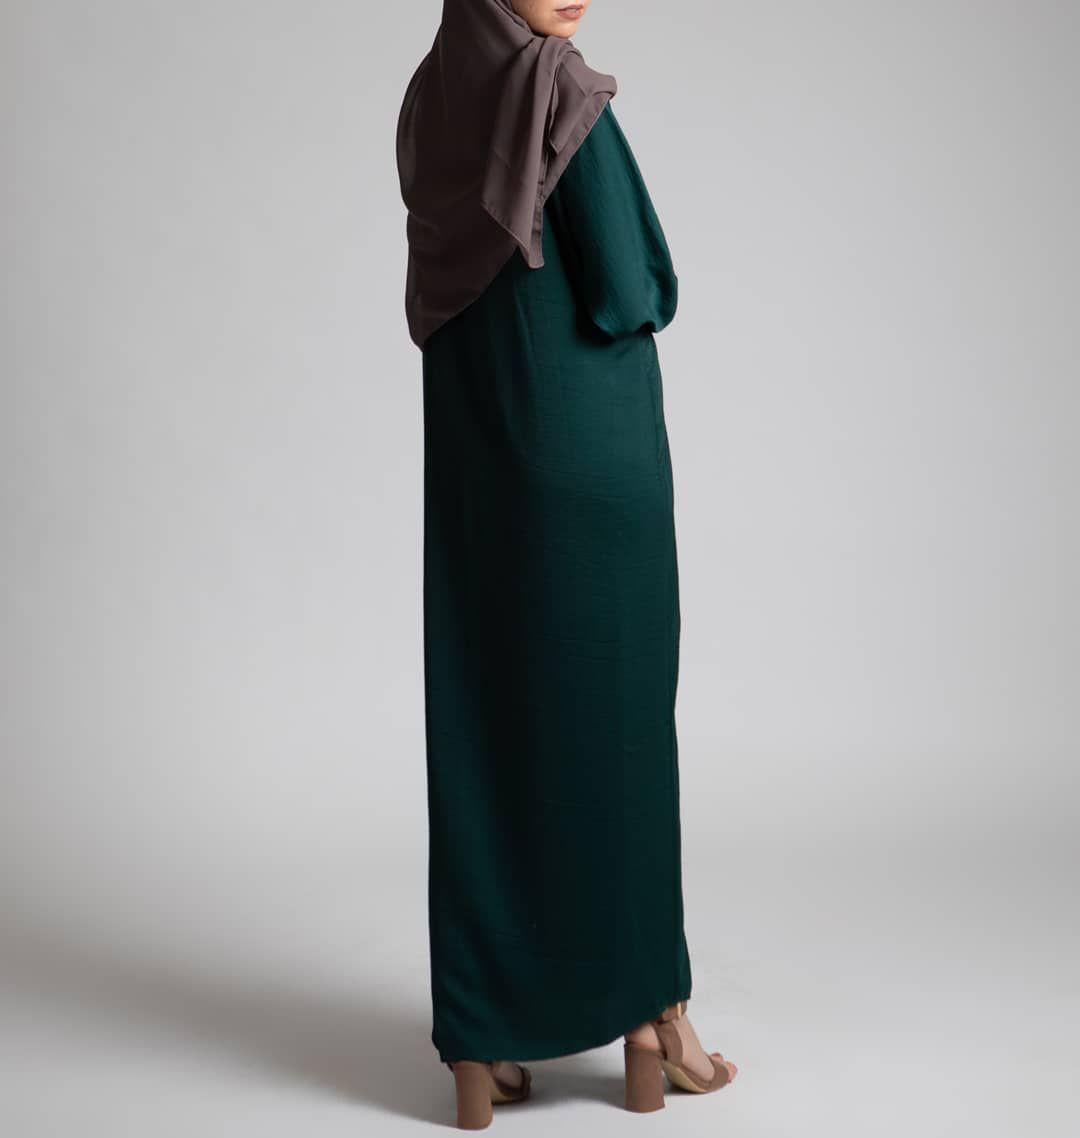 خلف كل إمرأة عظيمة نفسها رقم العباية 1402 السعر 220 عبايات جوهرة عبايات عملية عبايات سفر Maxi Dress High Neck Dress Fashion